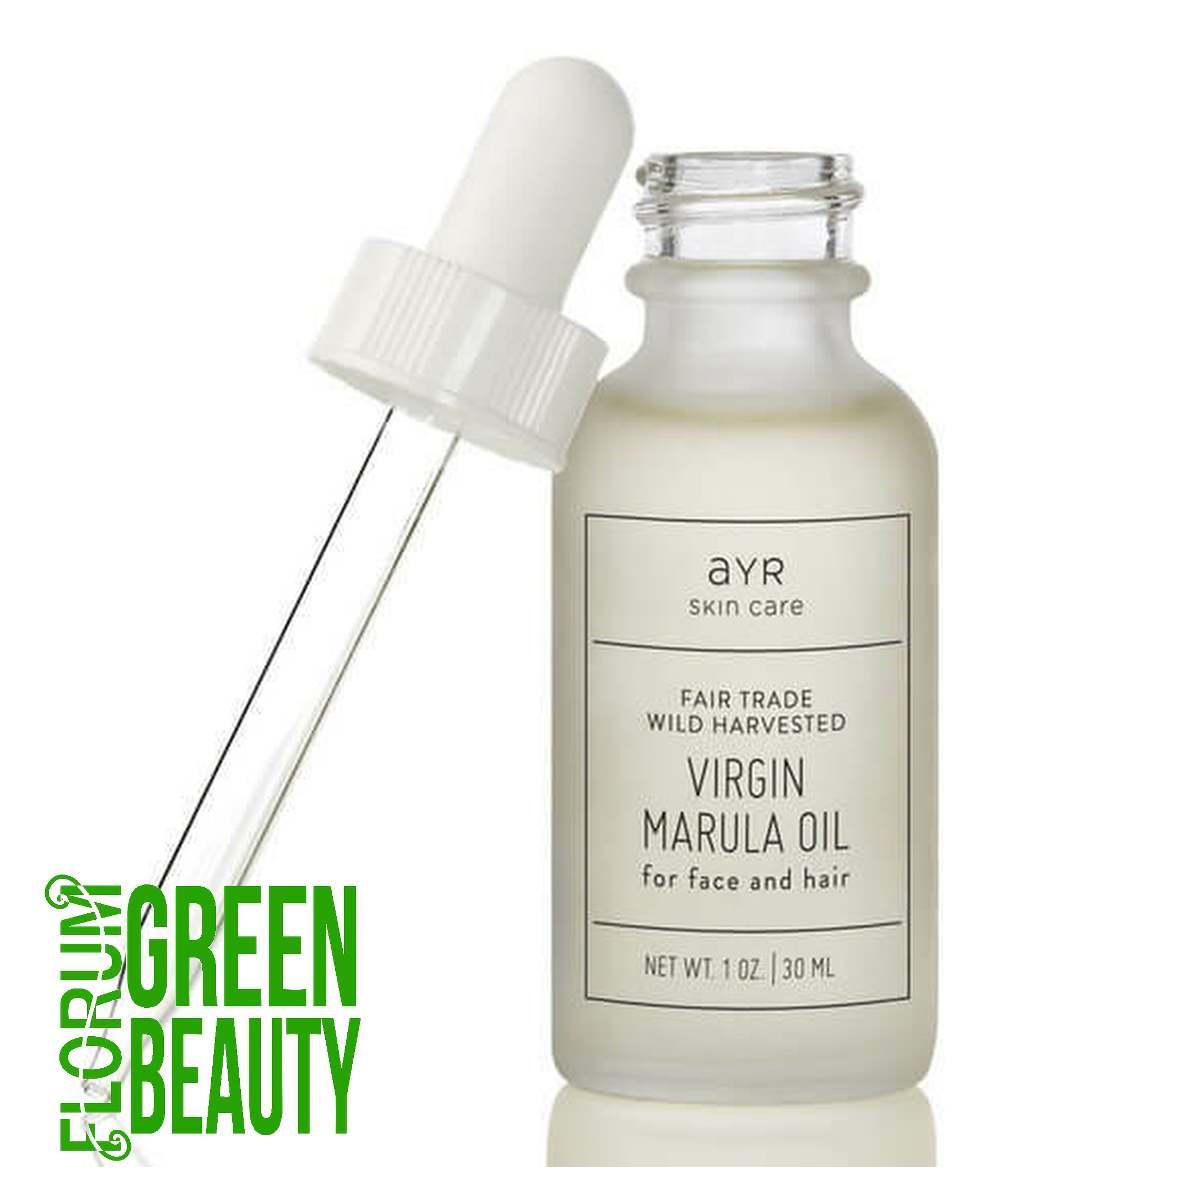 AYR Skin Care - Fair Trade Wild Harvested Virgin Marula Oil